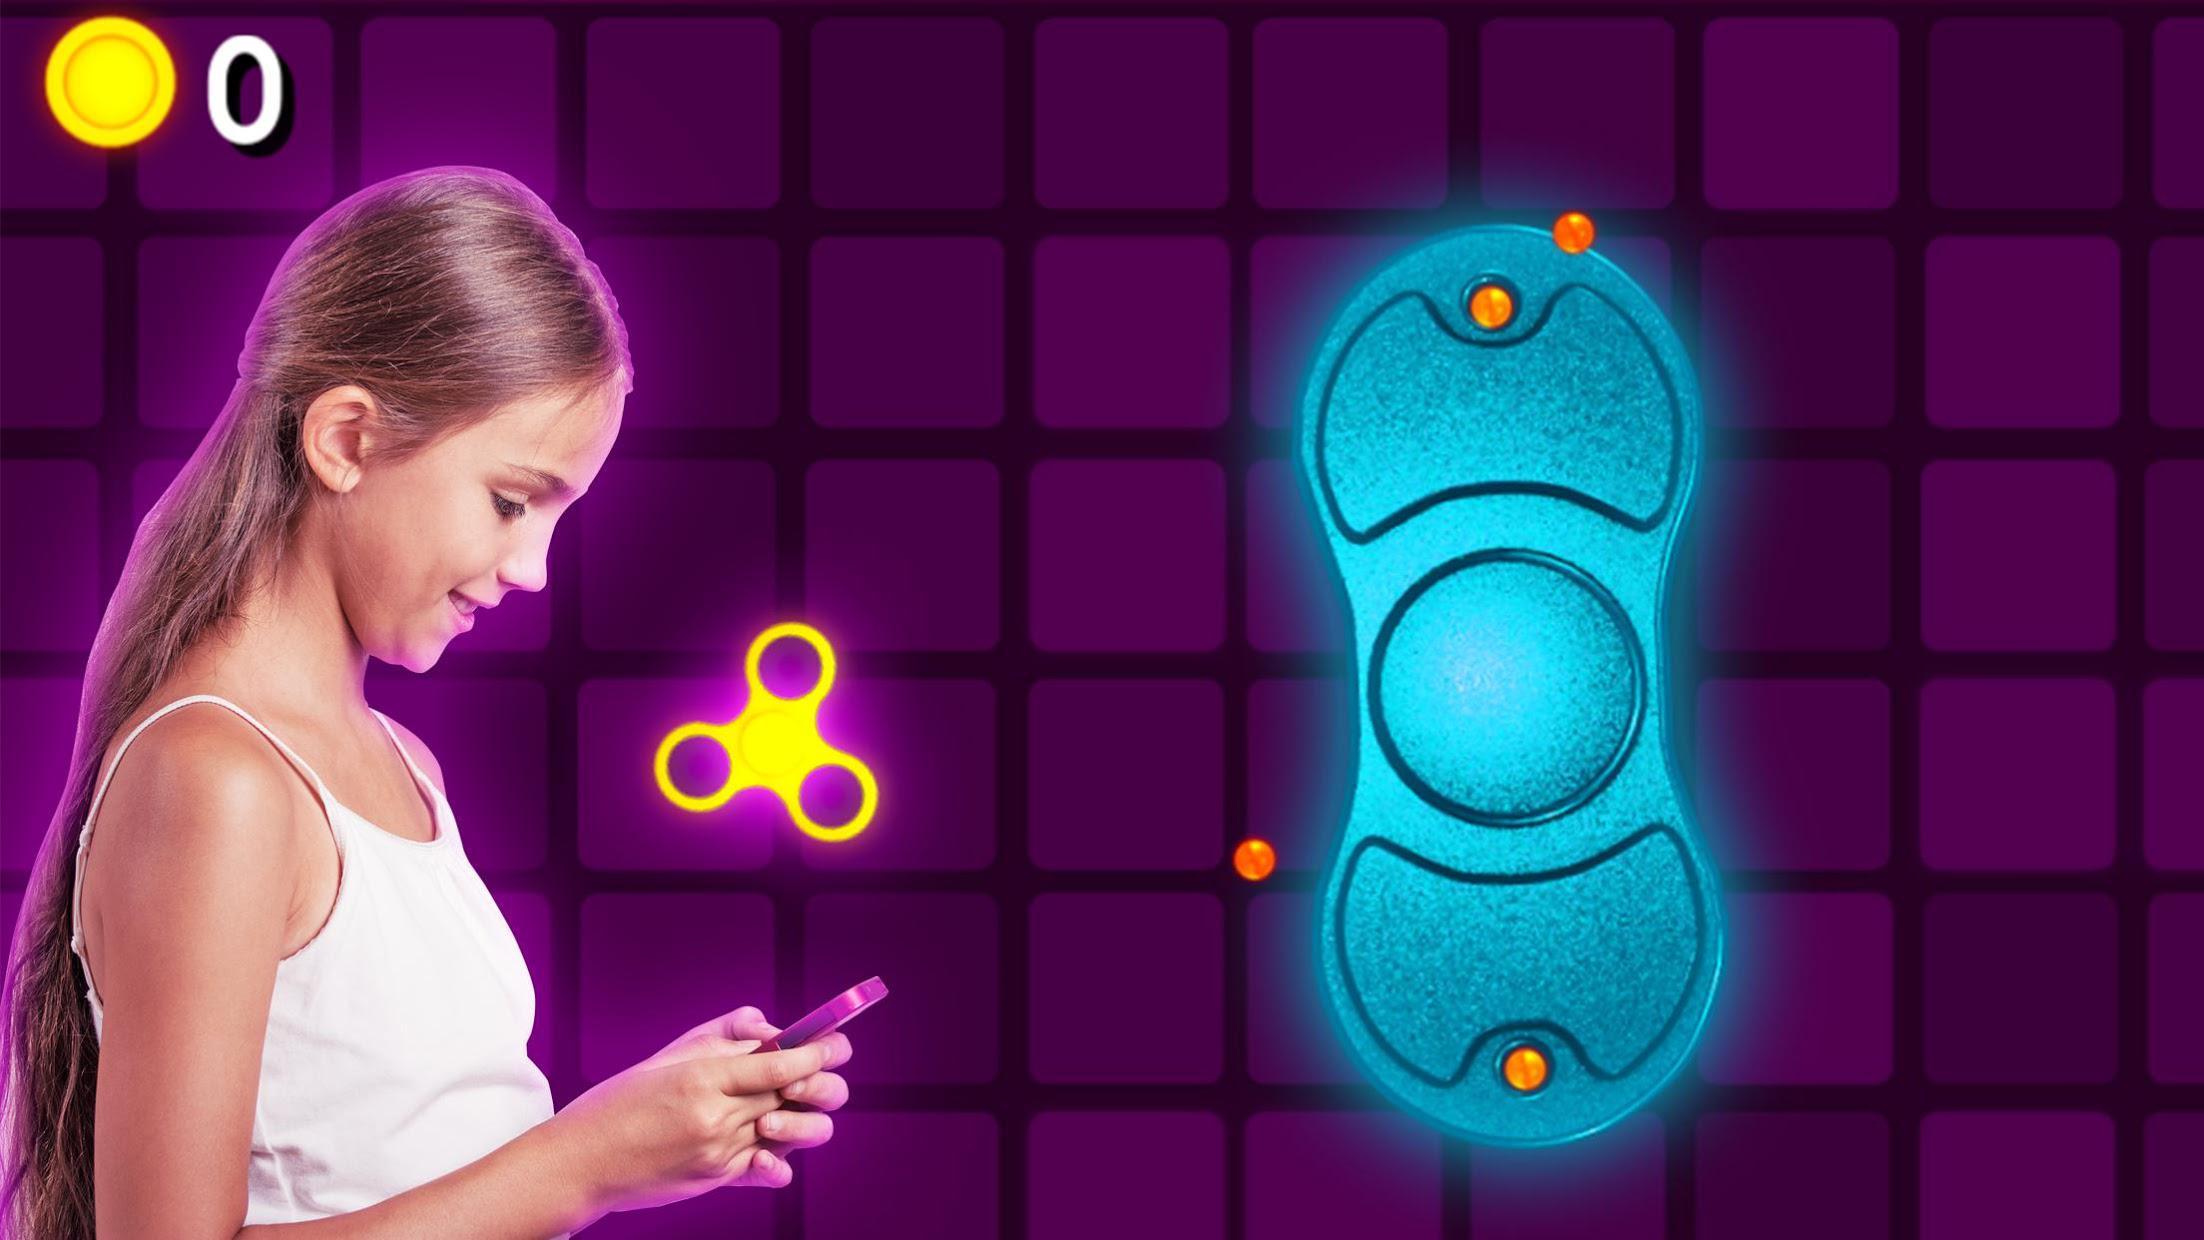 Fidget Spinner  Wheel Toy - The Arcade Game 游戏截图3